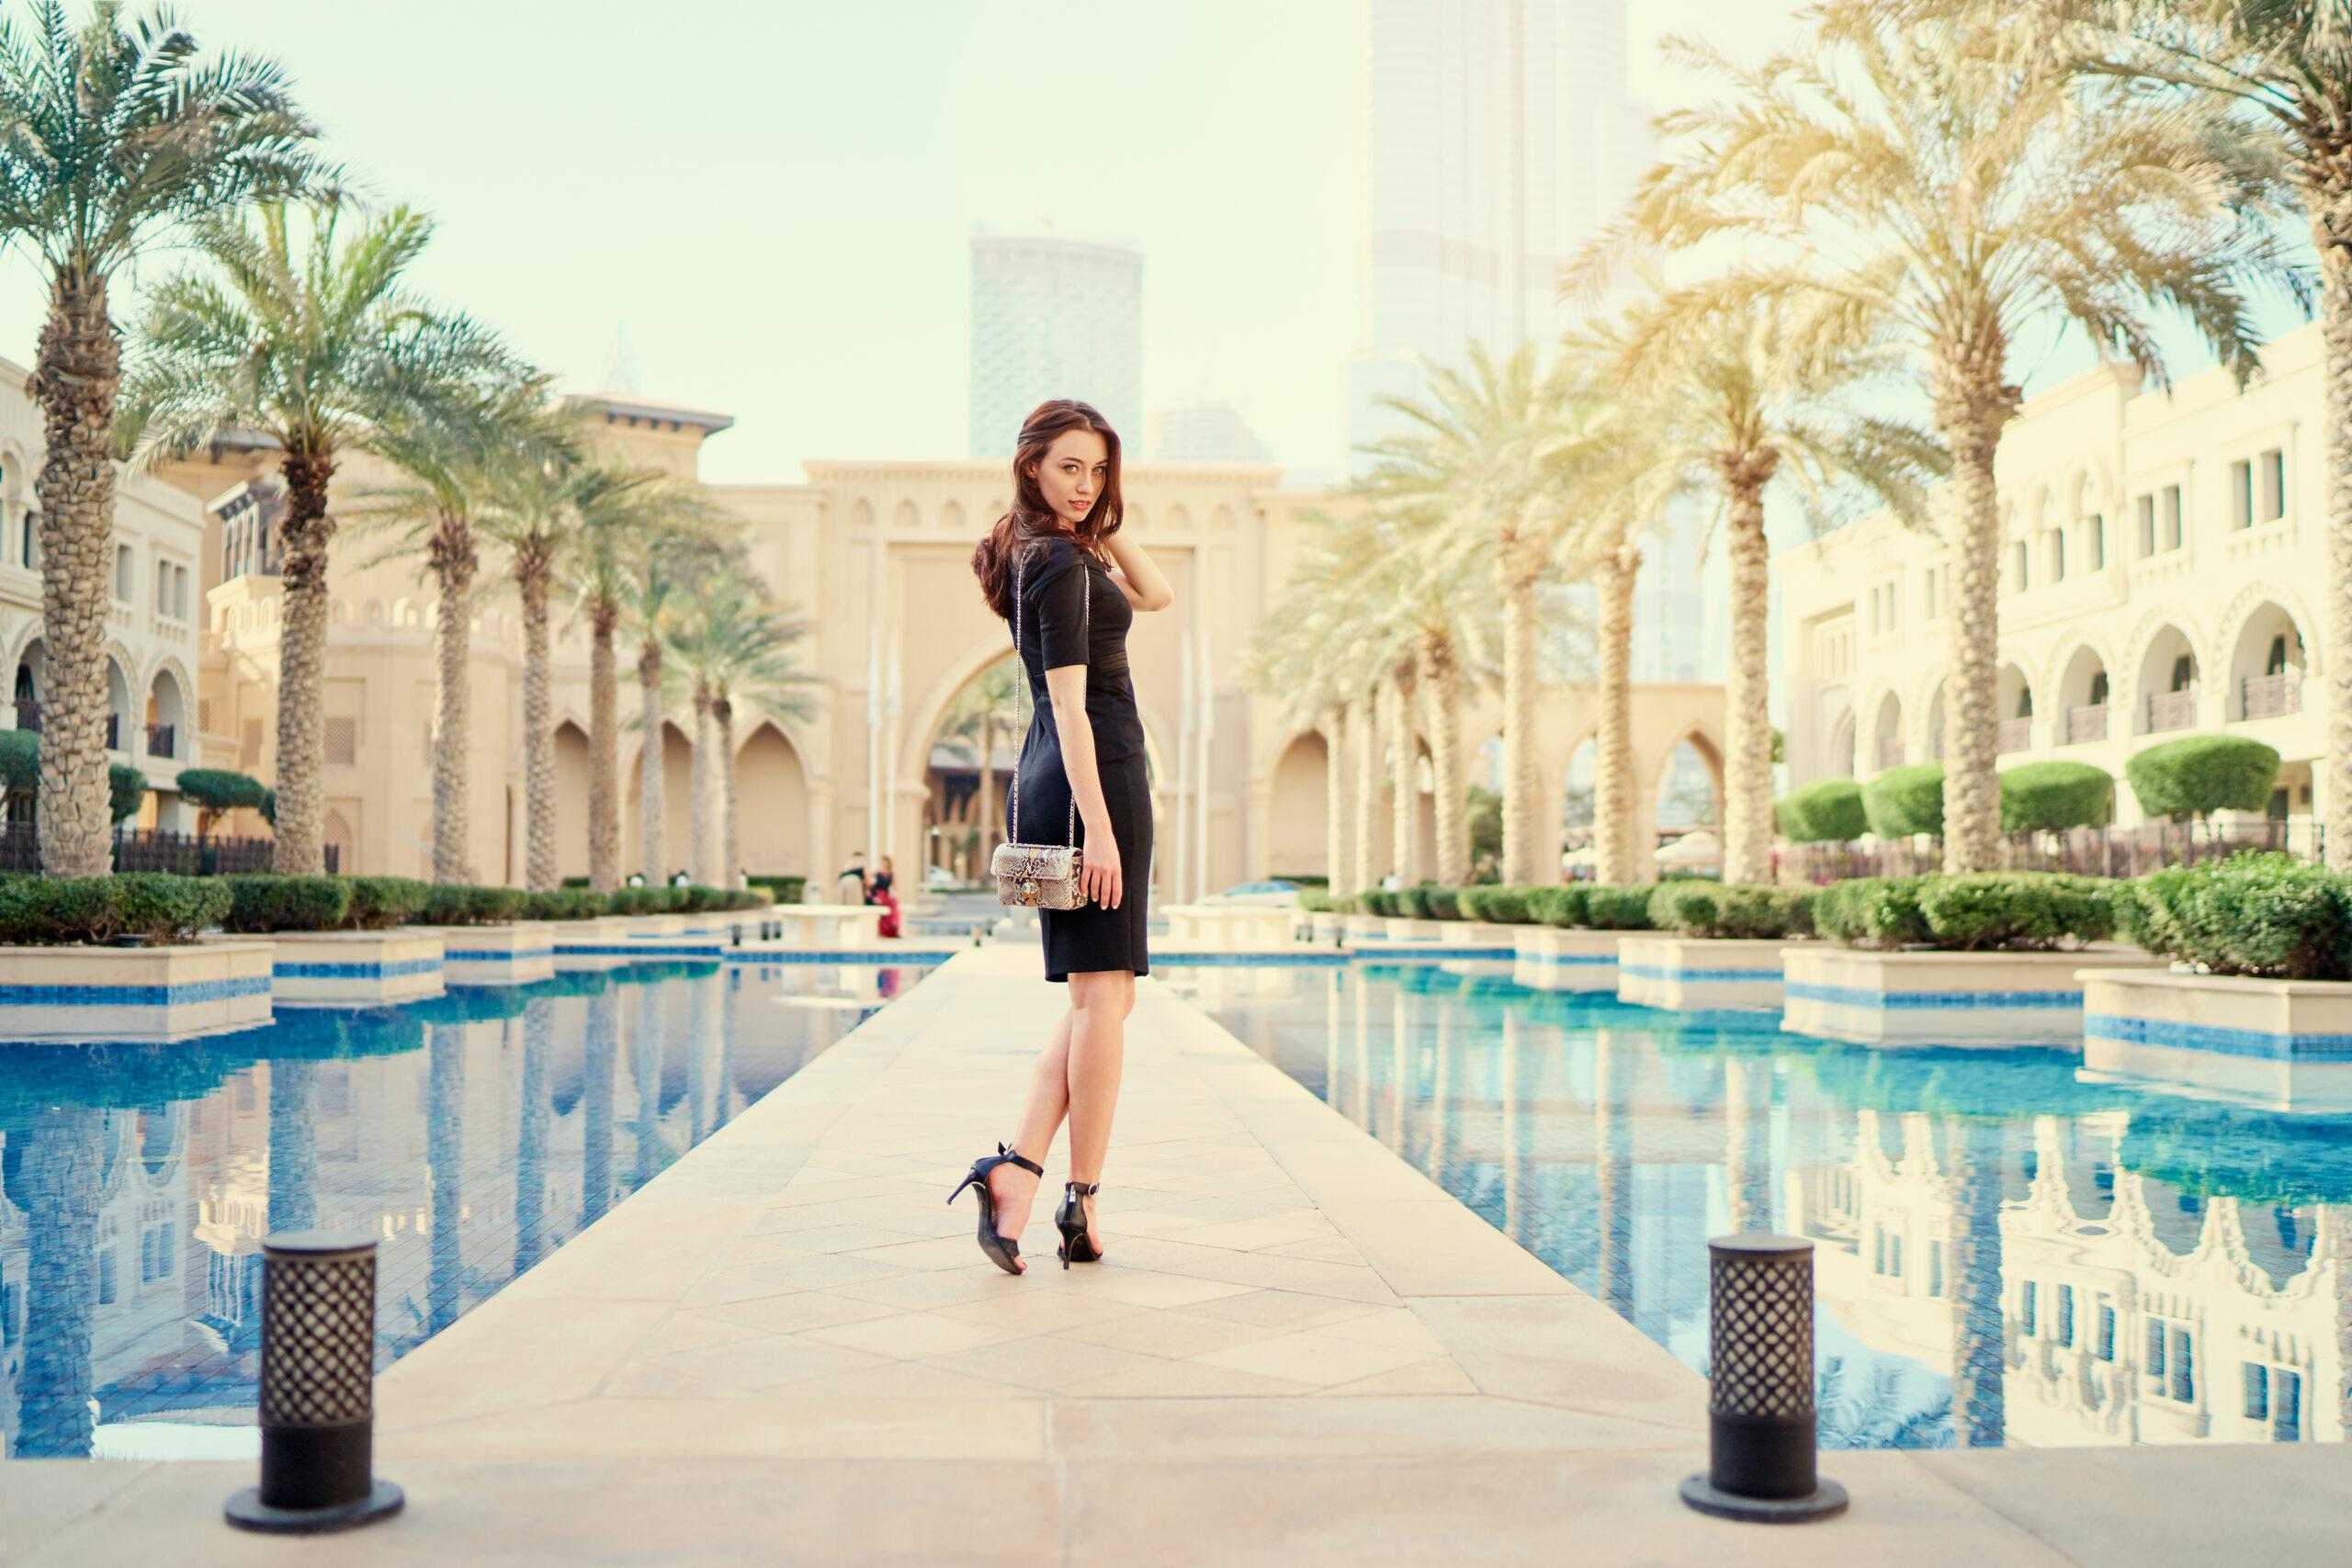 Comment s'habiller à Dubaï pendant ses vacances?